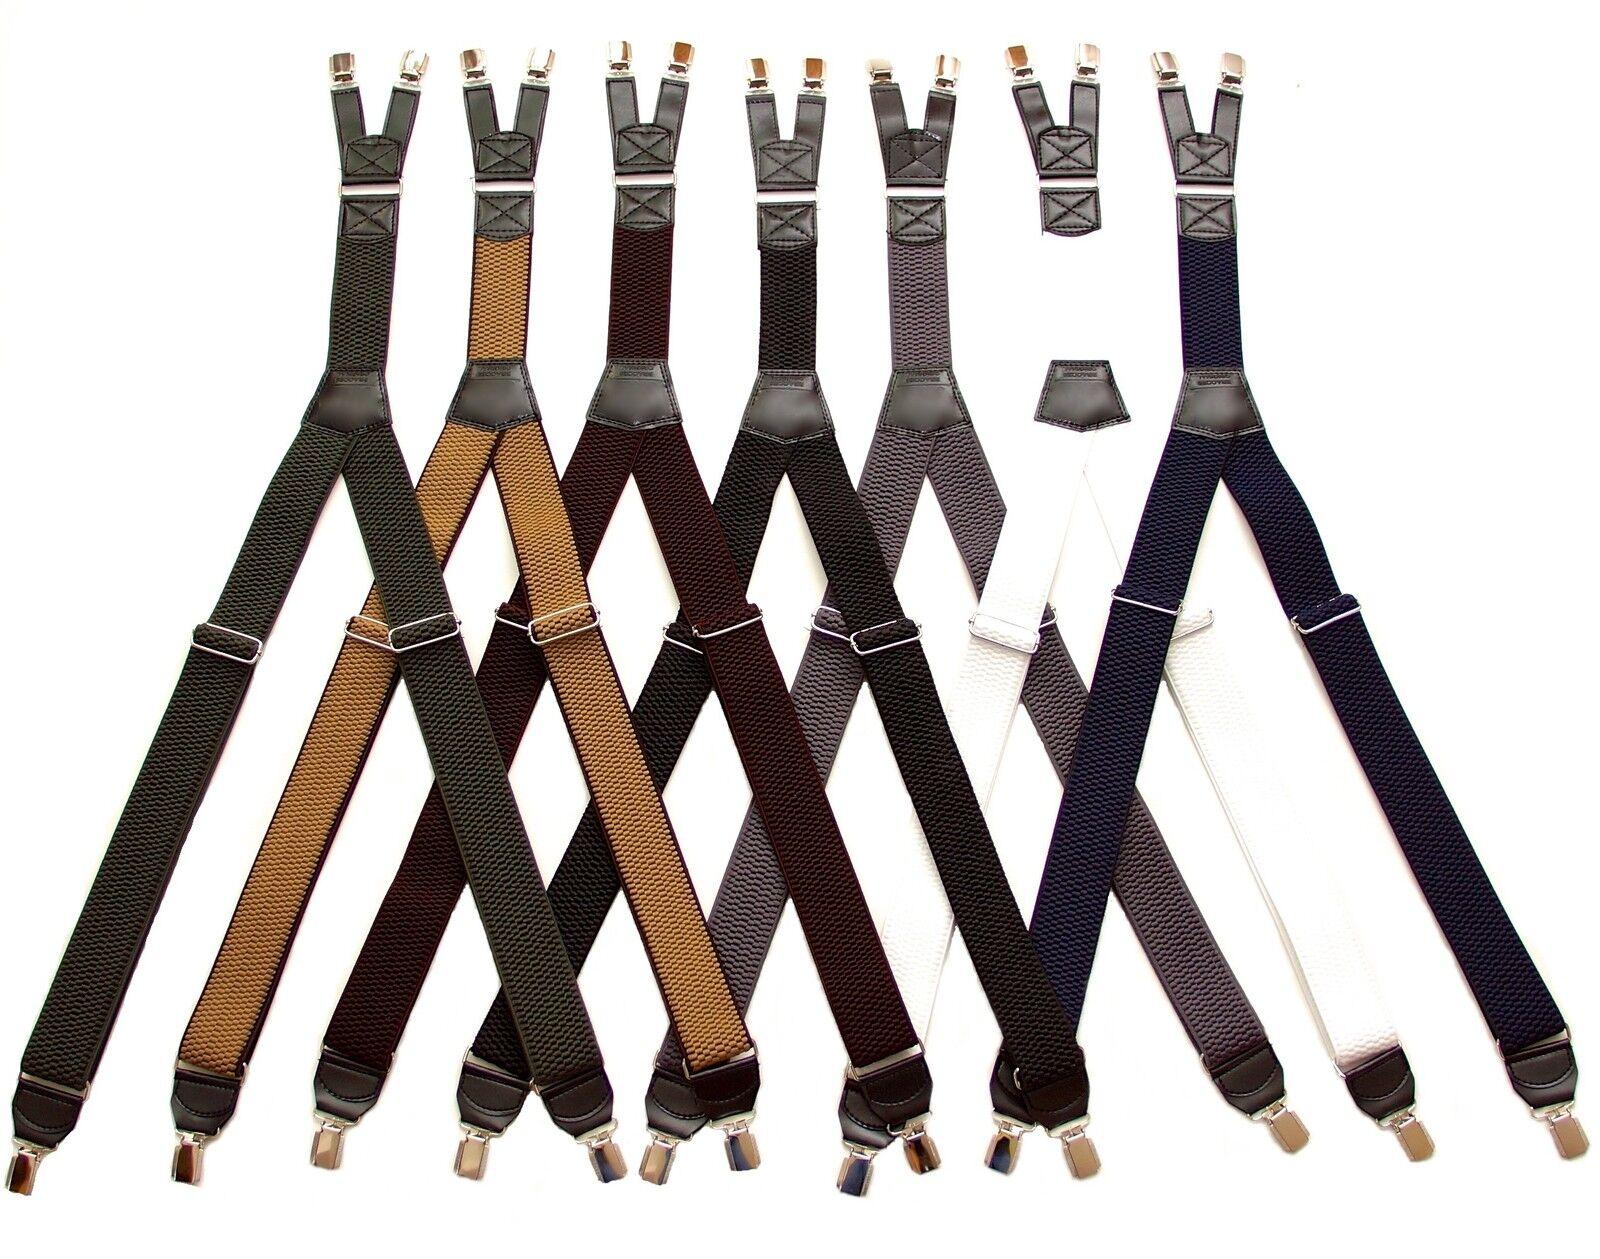 HOSENTRÄGER eXtra stark mit Doppel-Clip 4cm Breit für Hosen Jeans °NEU°